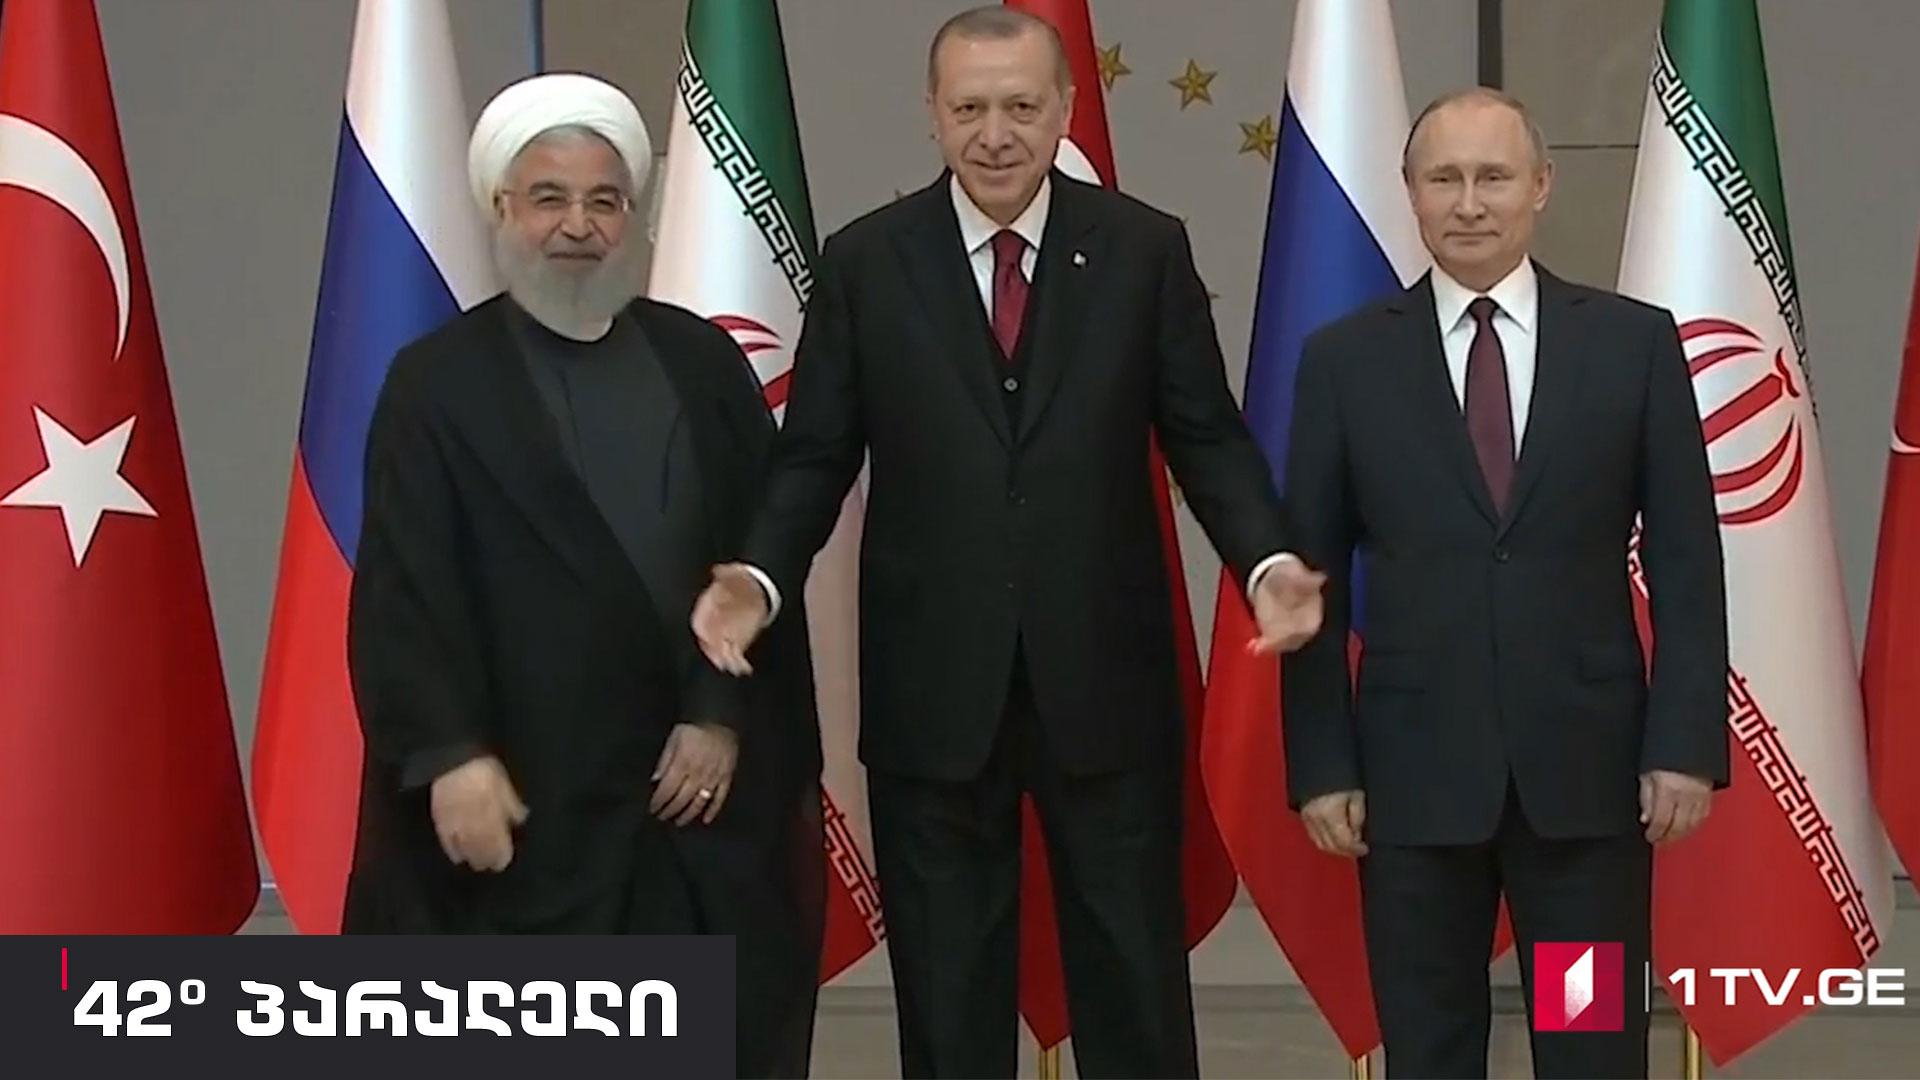 42° პარალელი - 24 ივნისი - ახალი თურქეთის დაბადება